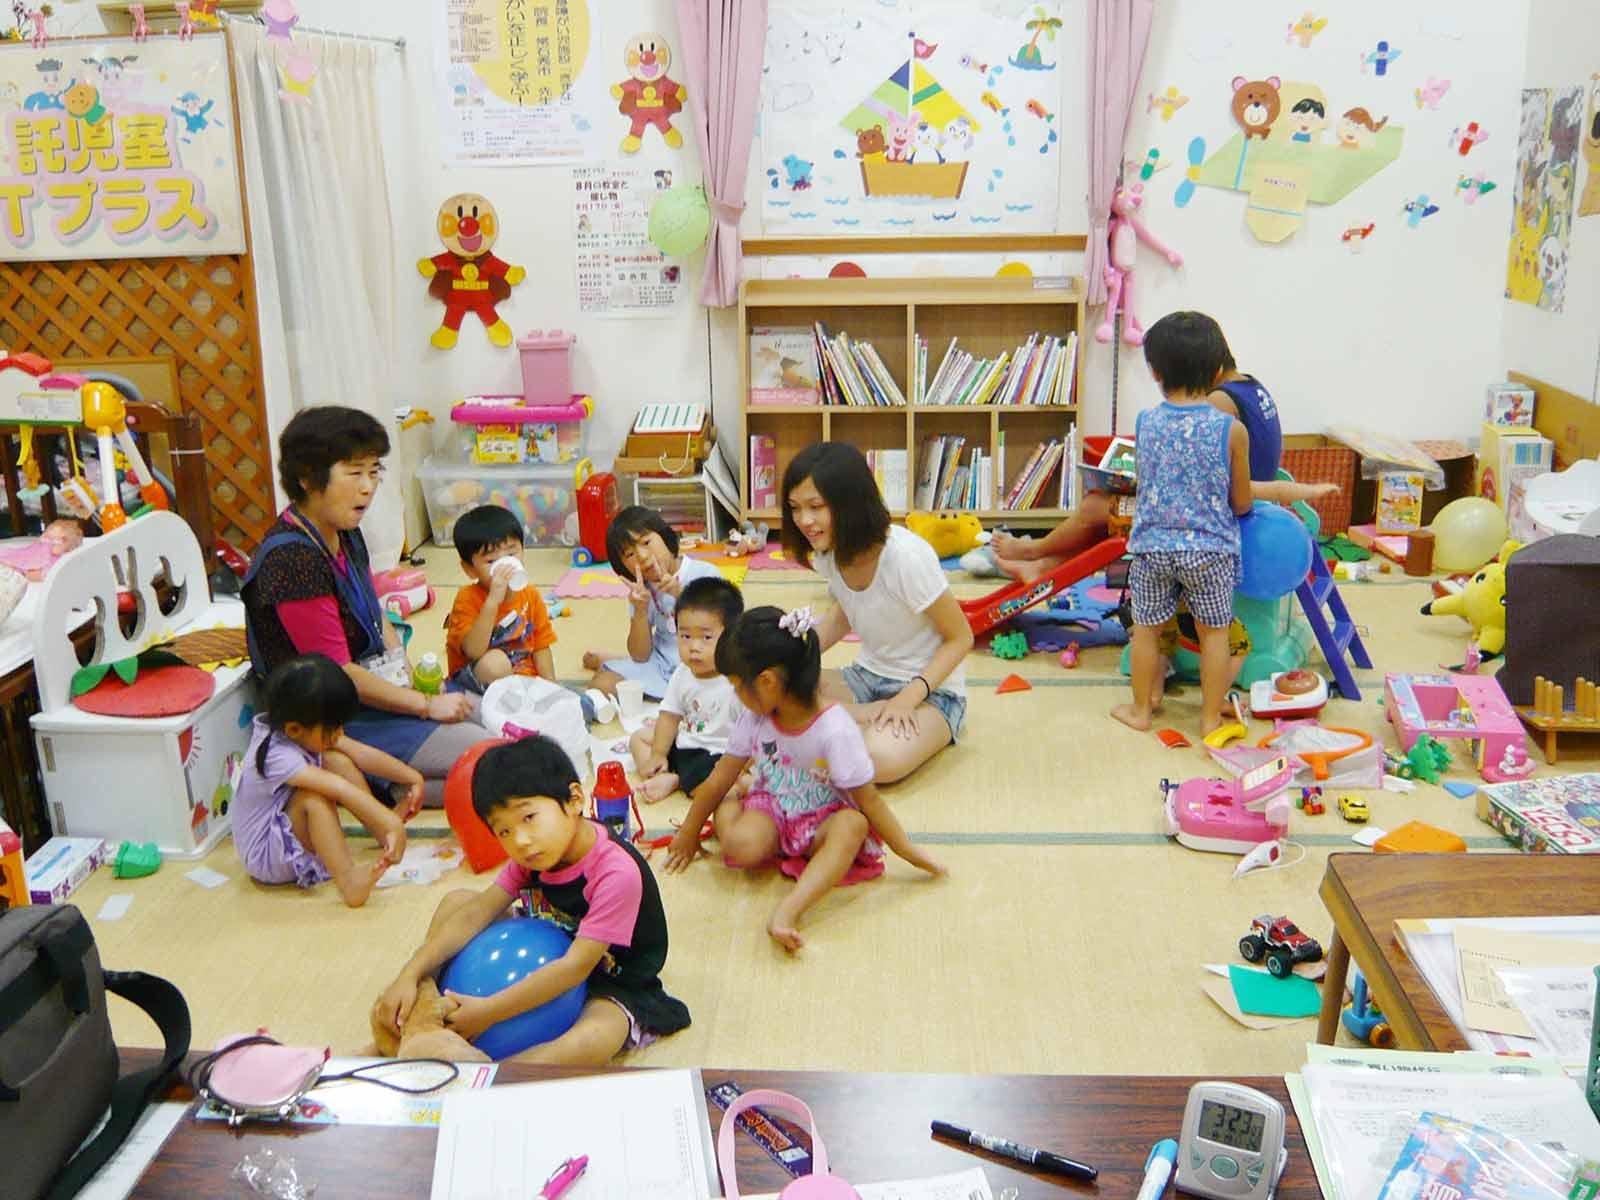 託児室でスタッフと過ごす子どもたち。